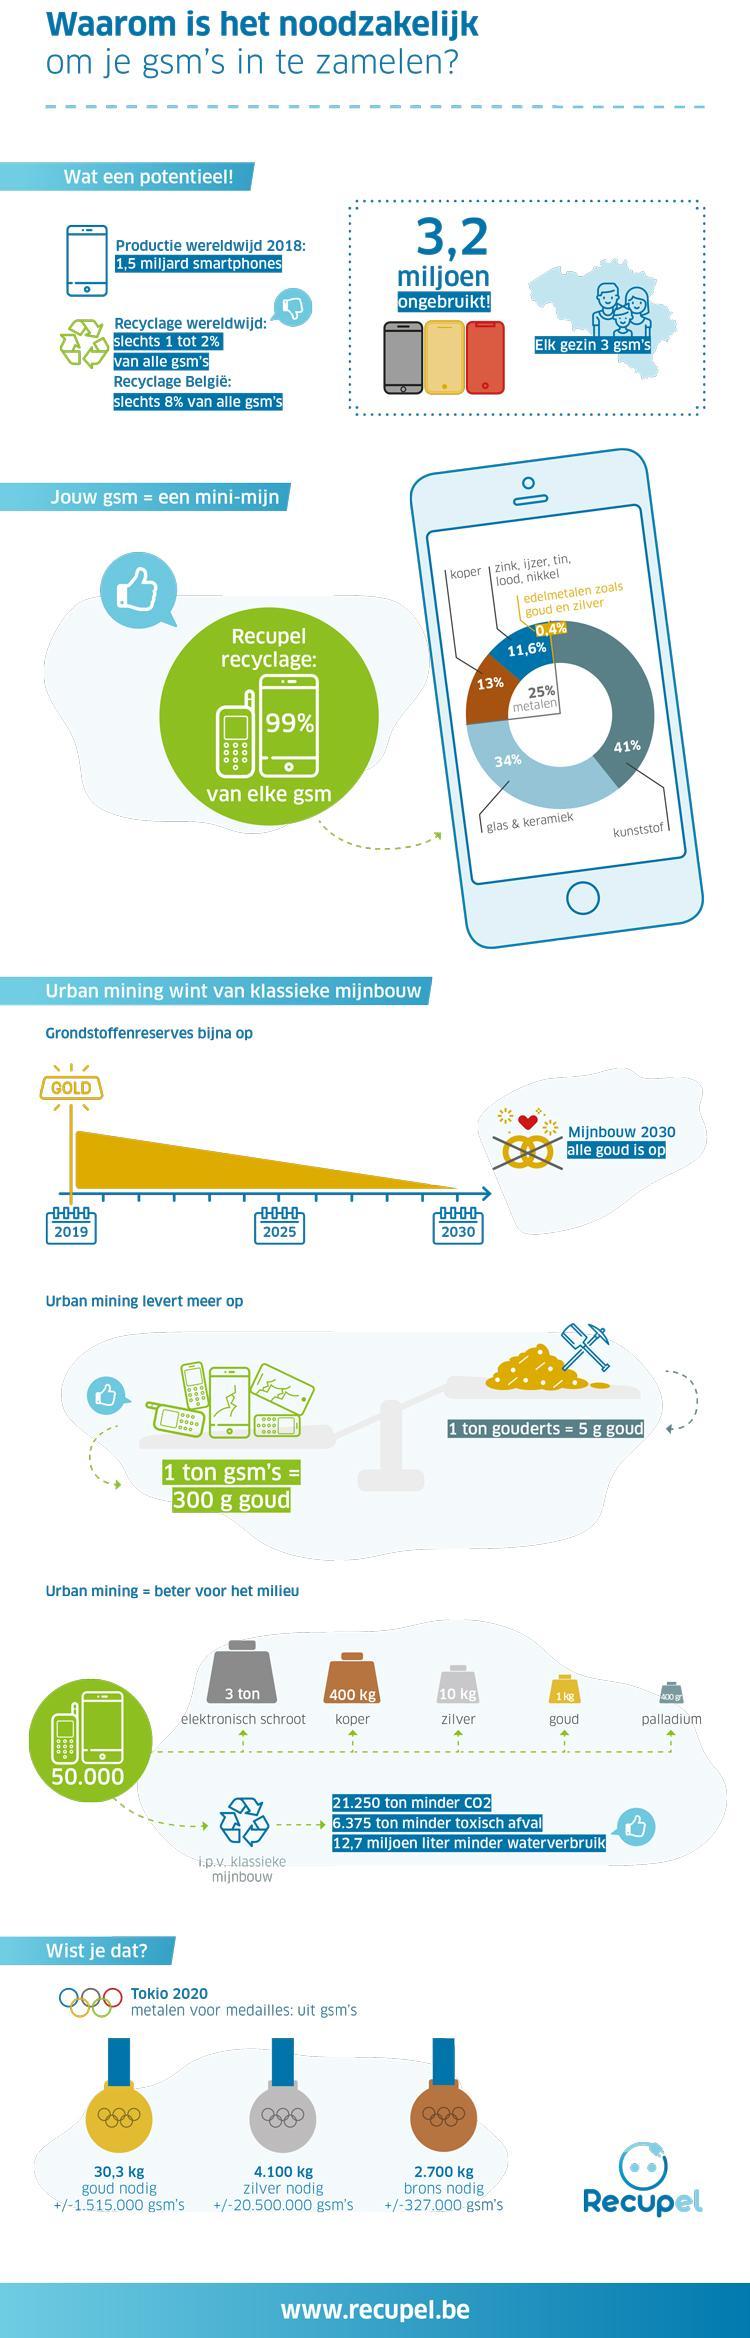 Waarom is het belangrijk om je gsm te recycleren?